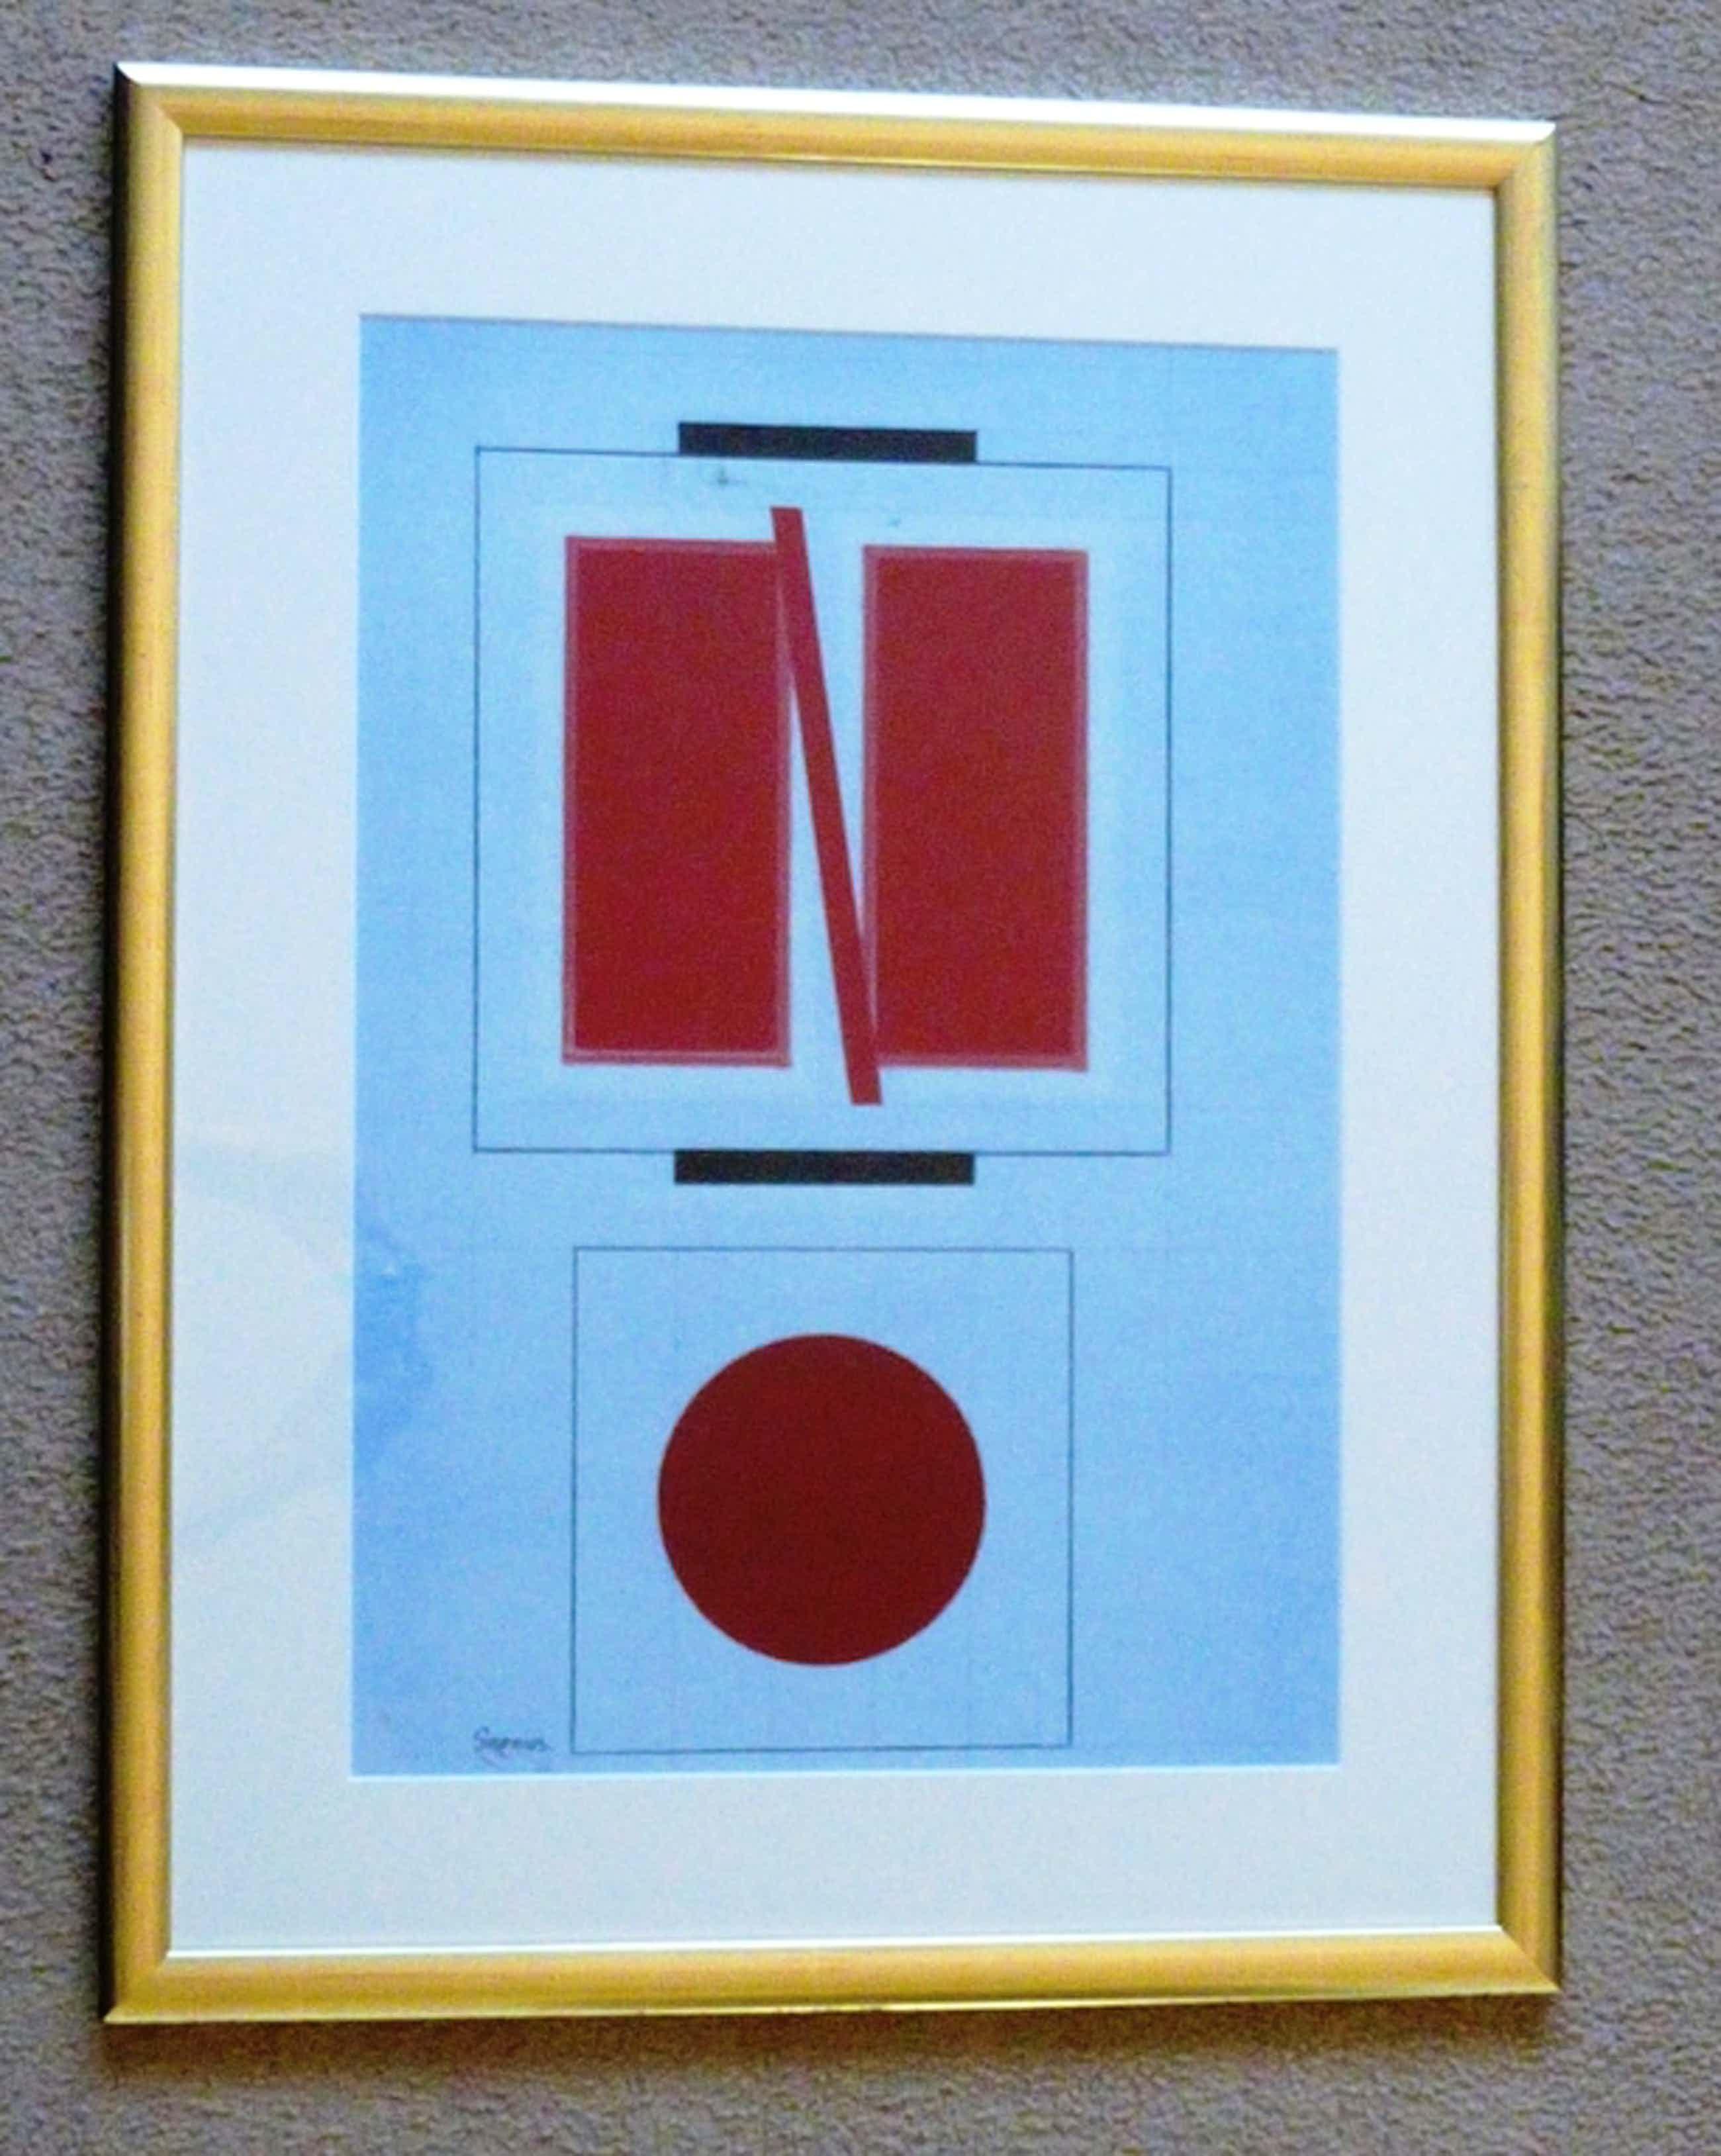 Wim Sinemus, origineel werk op papier, handgesigneerd kopen? Bied vanaf 650!